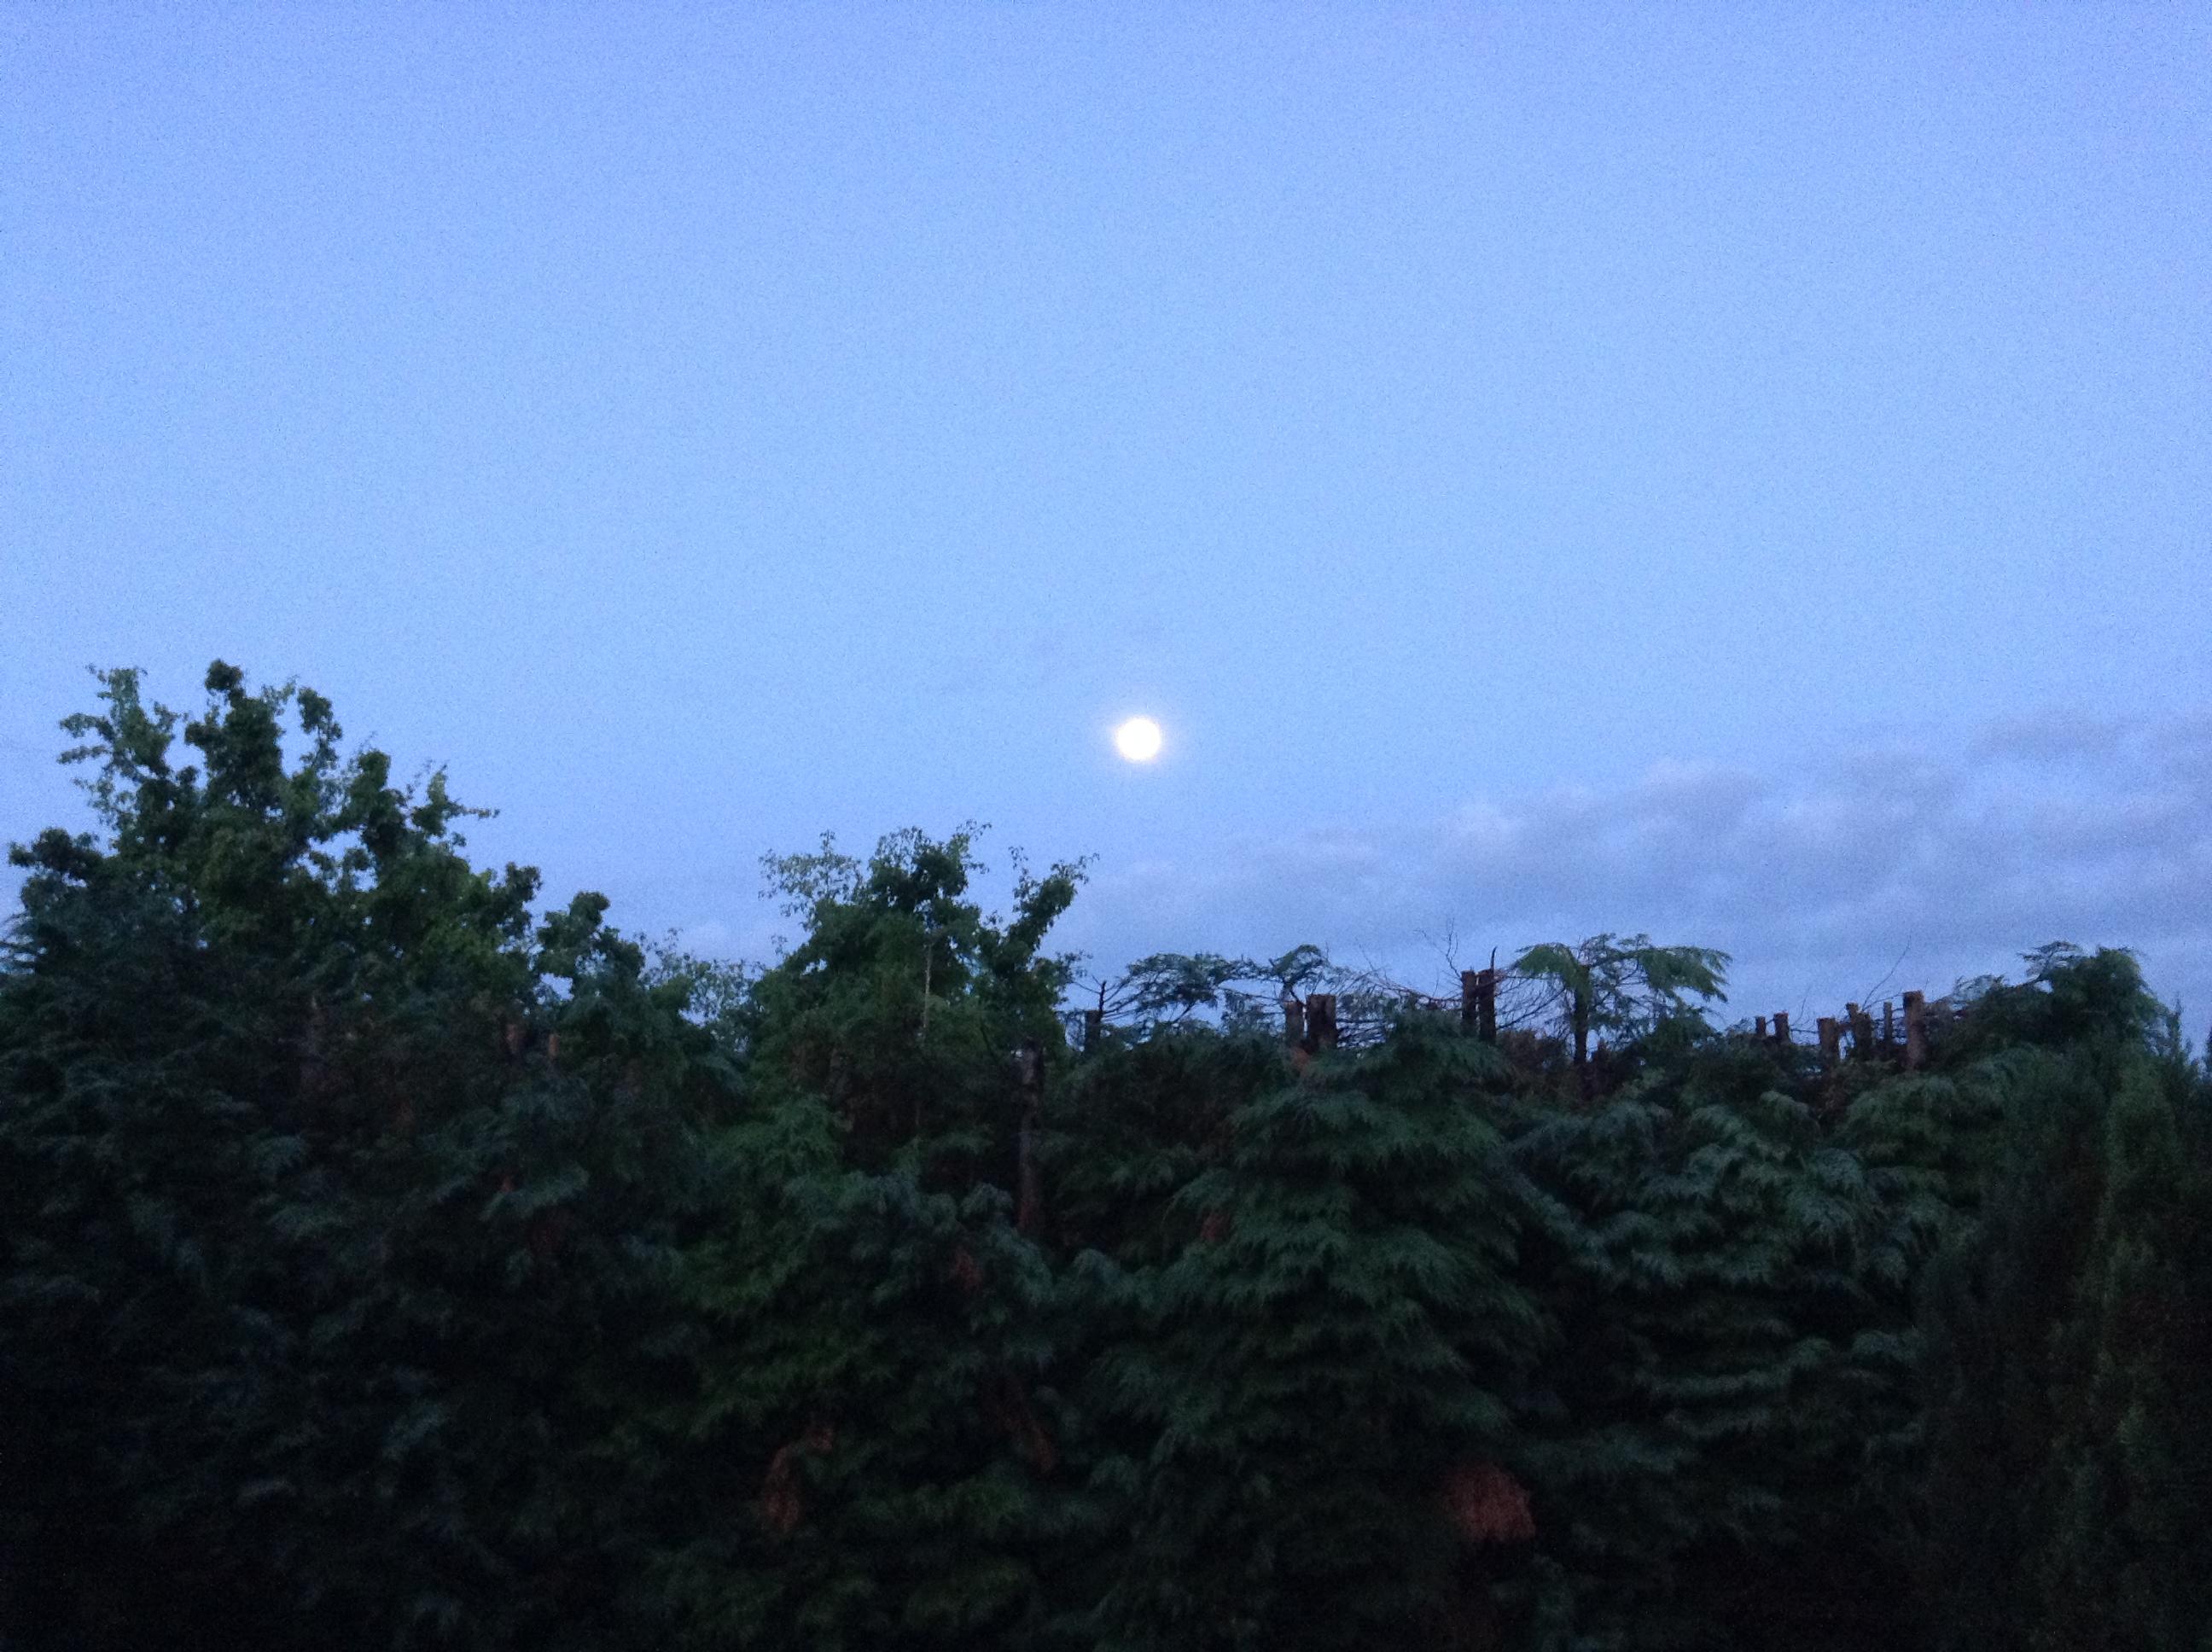 Moonlight Sky from Clarabelle's Back Garden 24.07.13